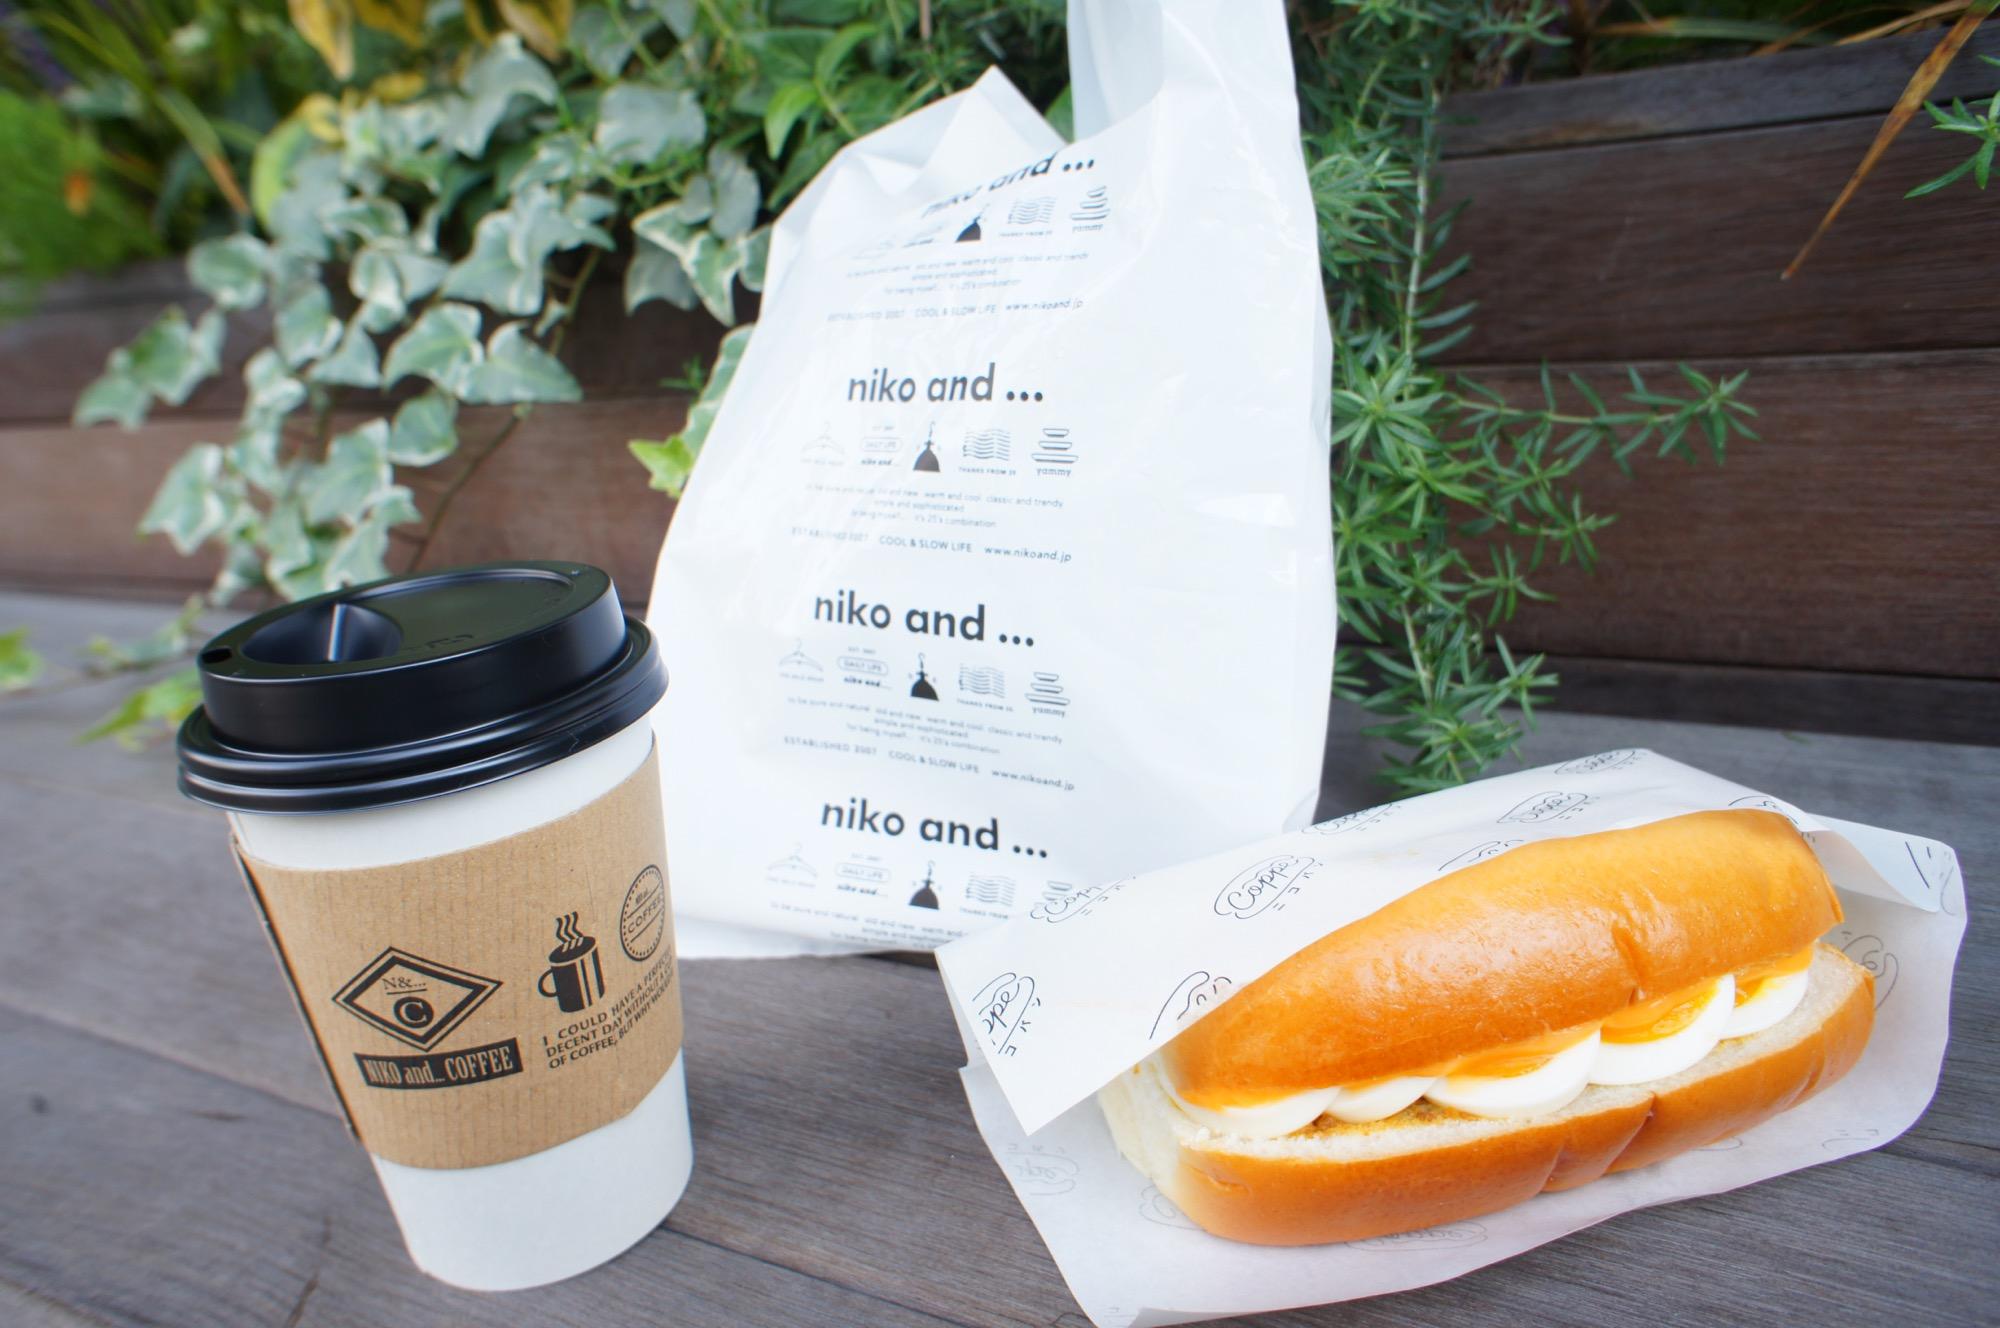 《ご当地MORE✩東京》絶品コッペパンサンド!【niko and...COFFEE】名物❤️ニコパンが美味しすぎる☻_4